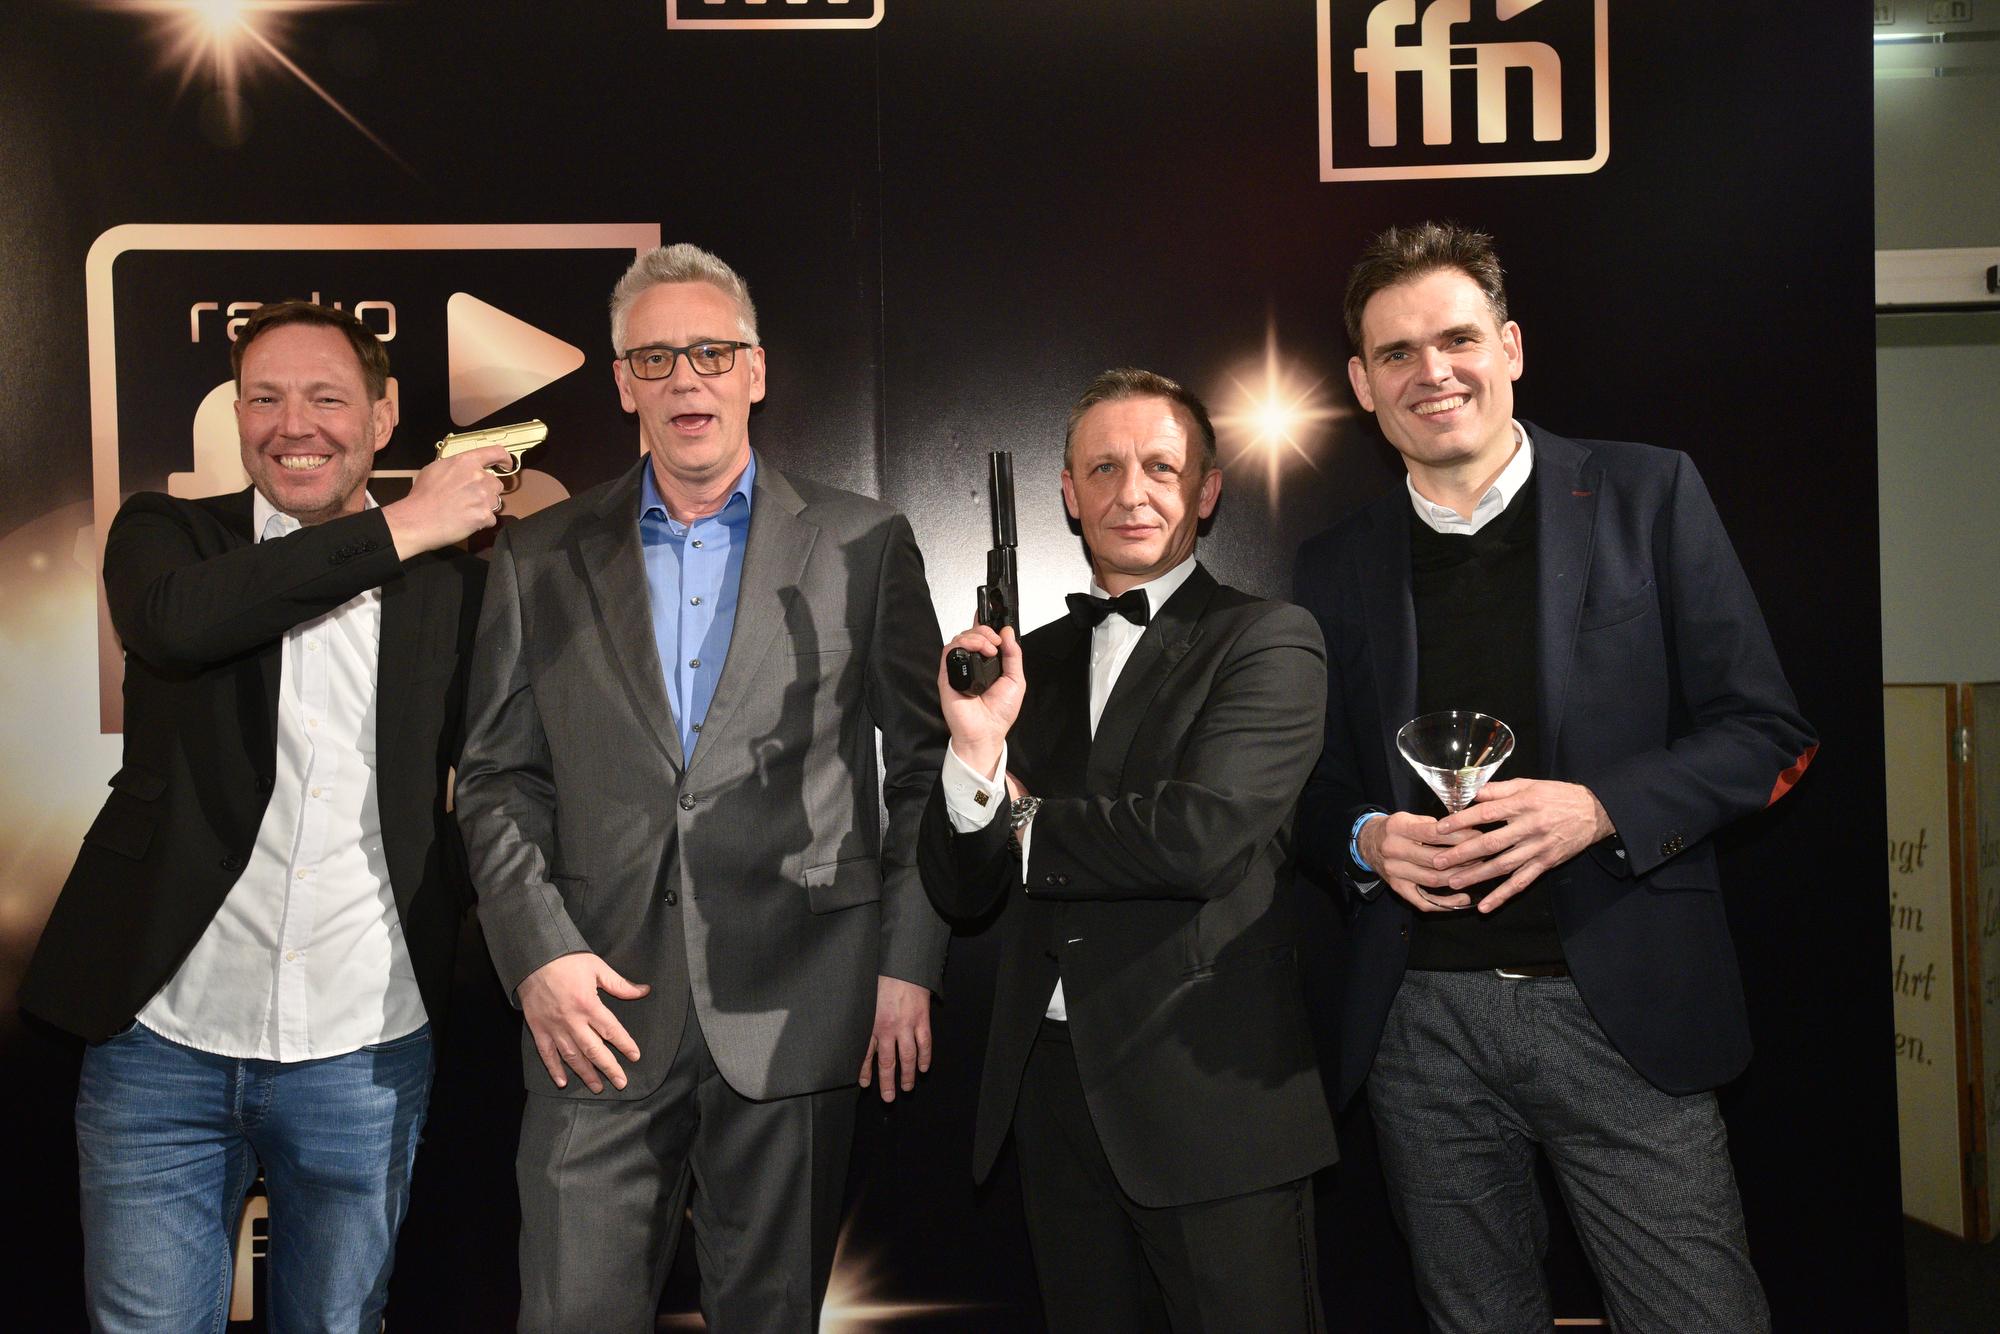 Frank Bremser (CALLACOMEDY, Baumann und Clausen); Volker Marczynkowski ffn; James Bond; Dirk van Loh, GF Regiocast (Bild: ©ARP/SCHEFFE)